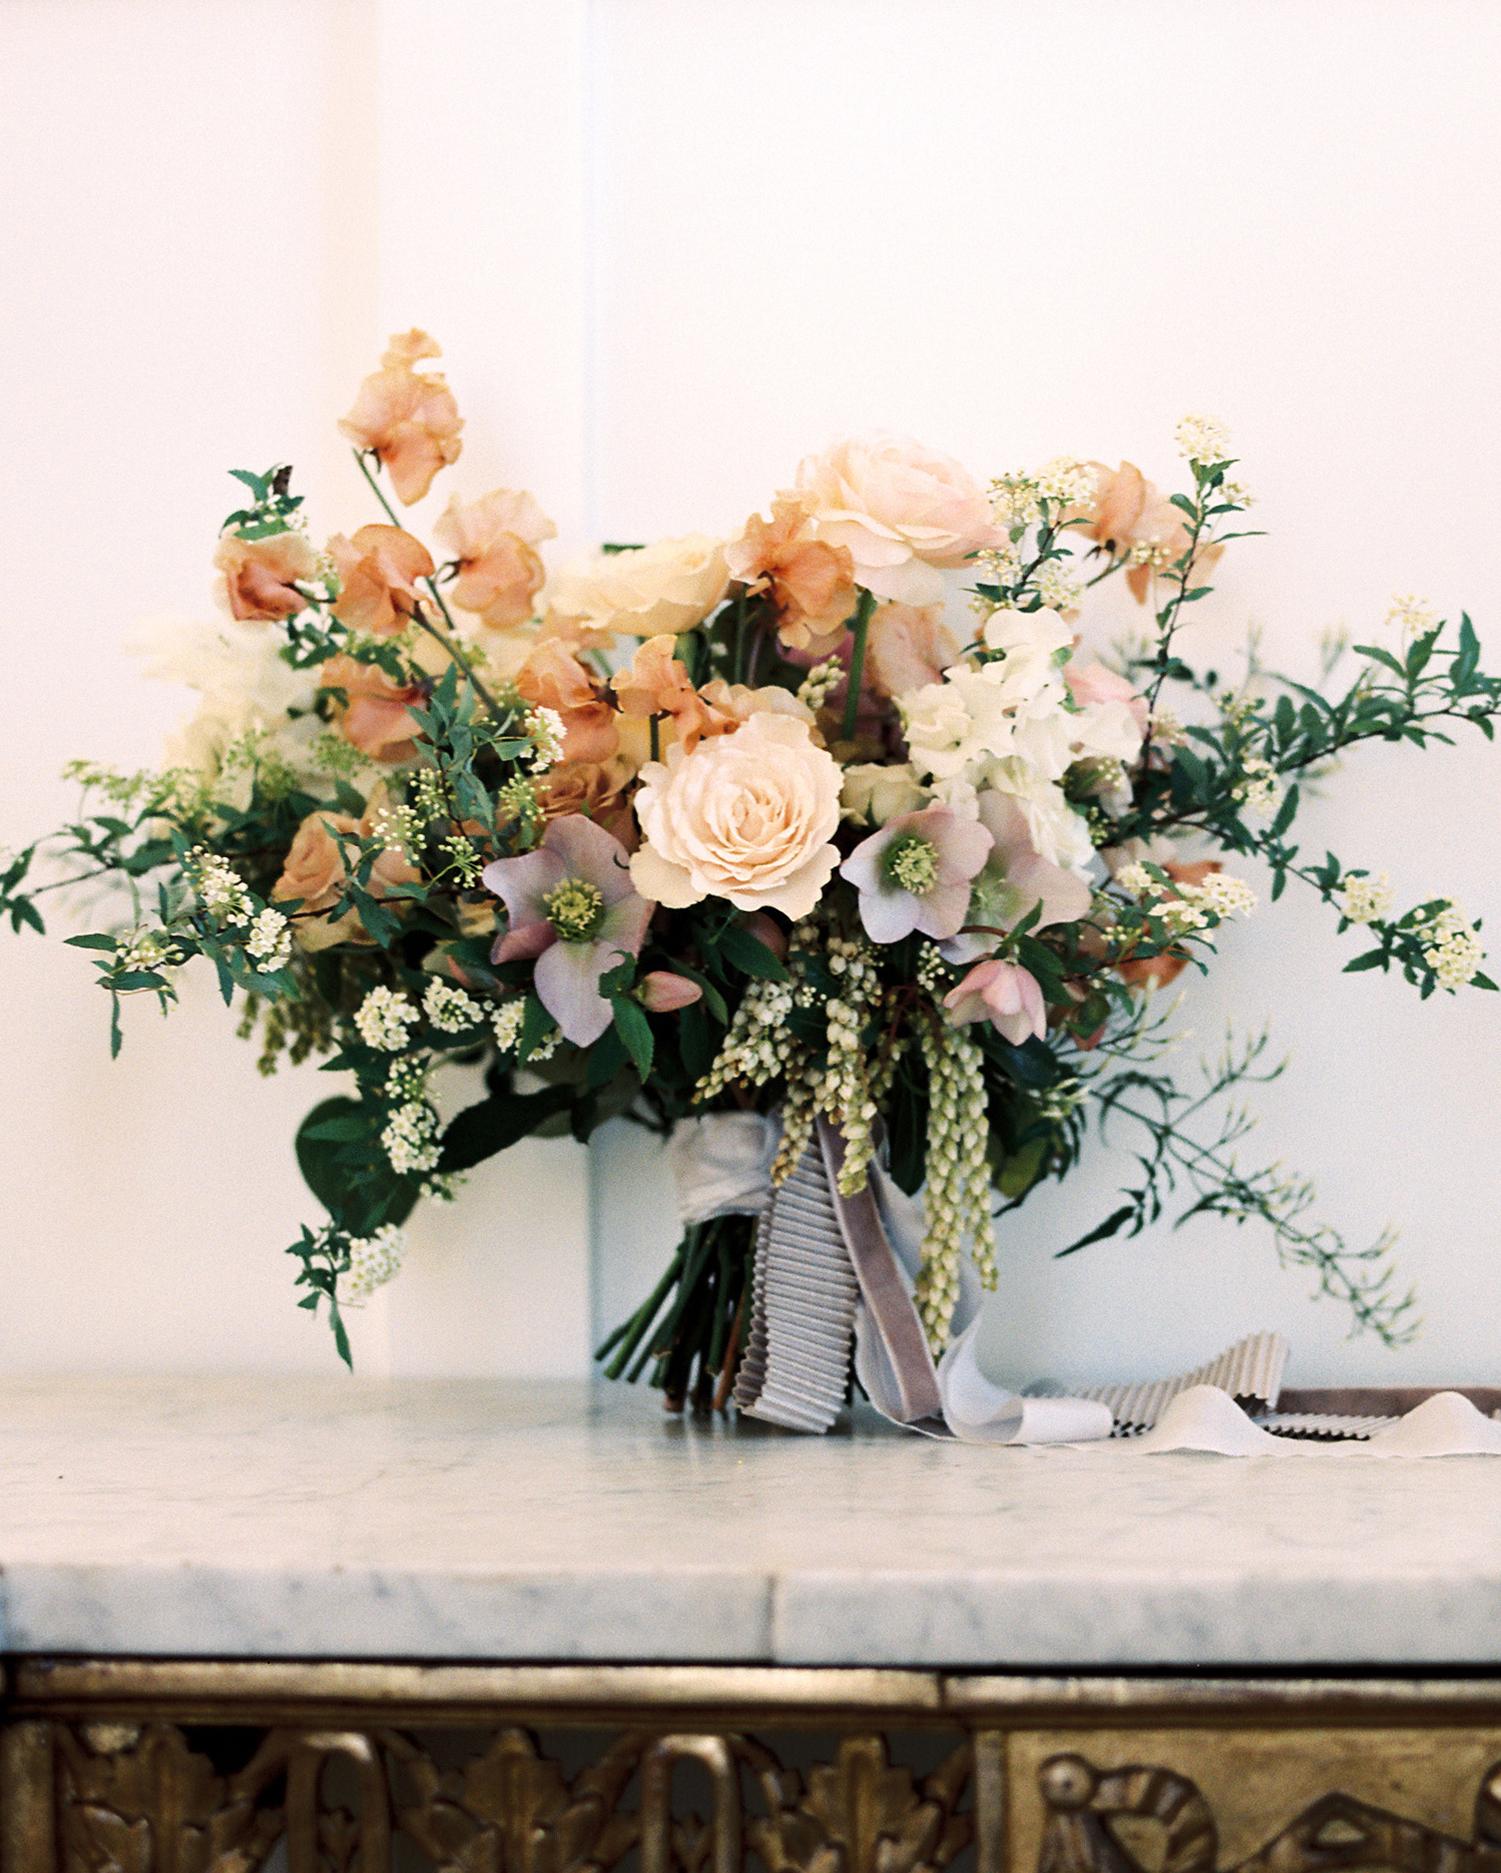 rachel-tyson-wedding-flowers-025-s112158-0915.jpg